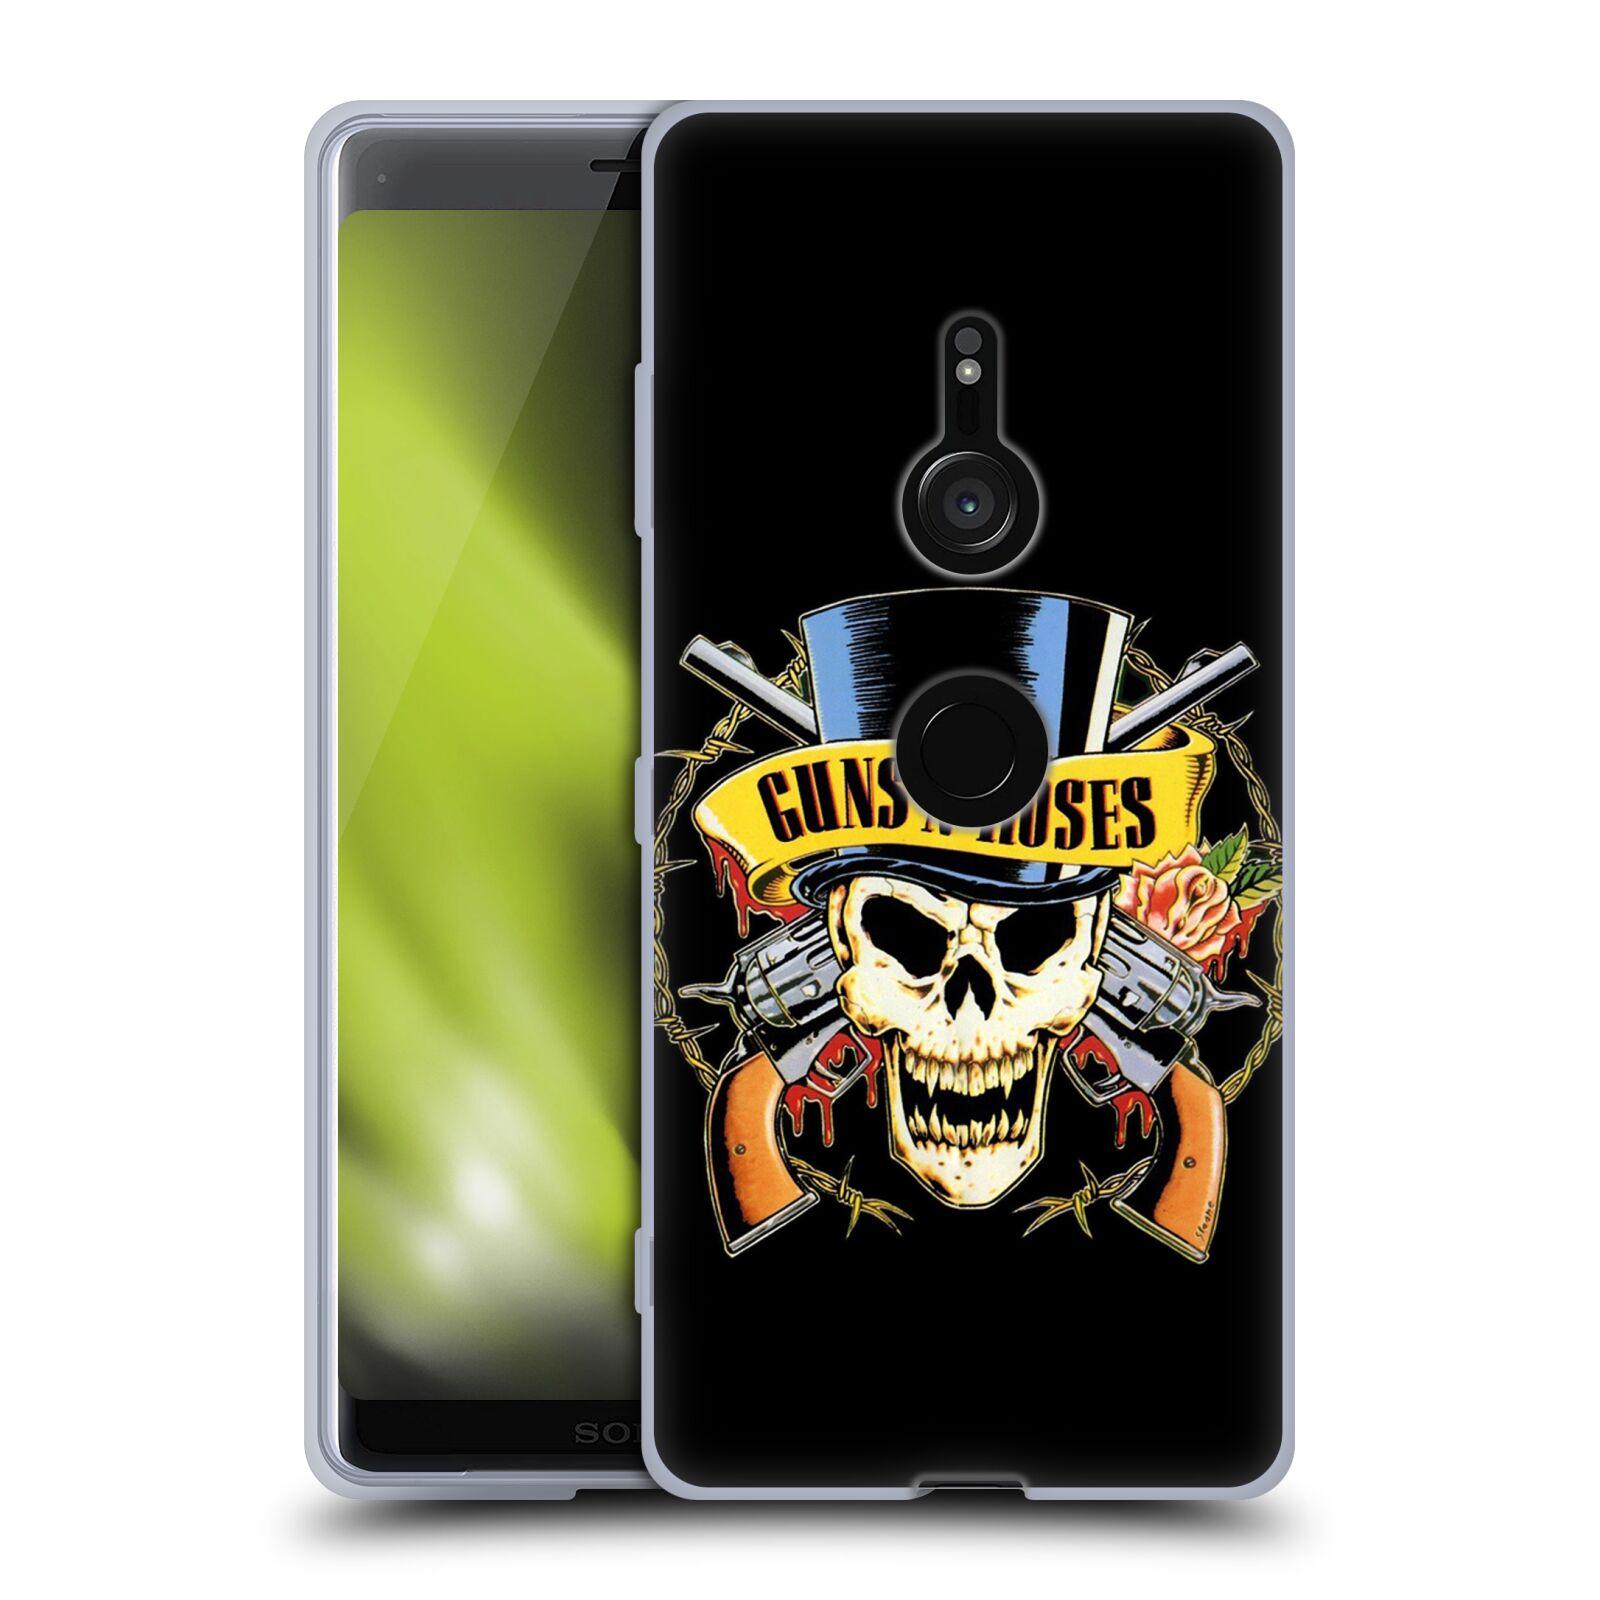 Silikonové pouzdro na mobil Sony Xperia XZ3 - Head Case - Guns N' Roses - Lebka